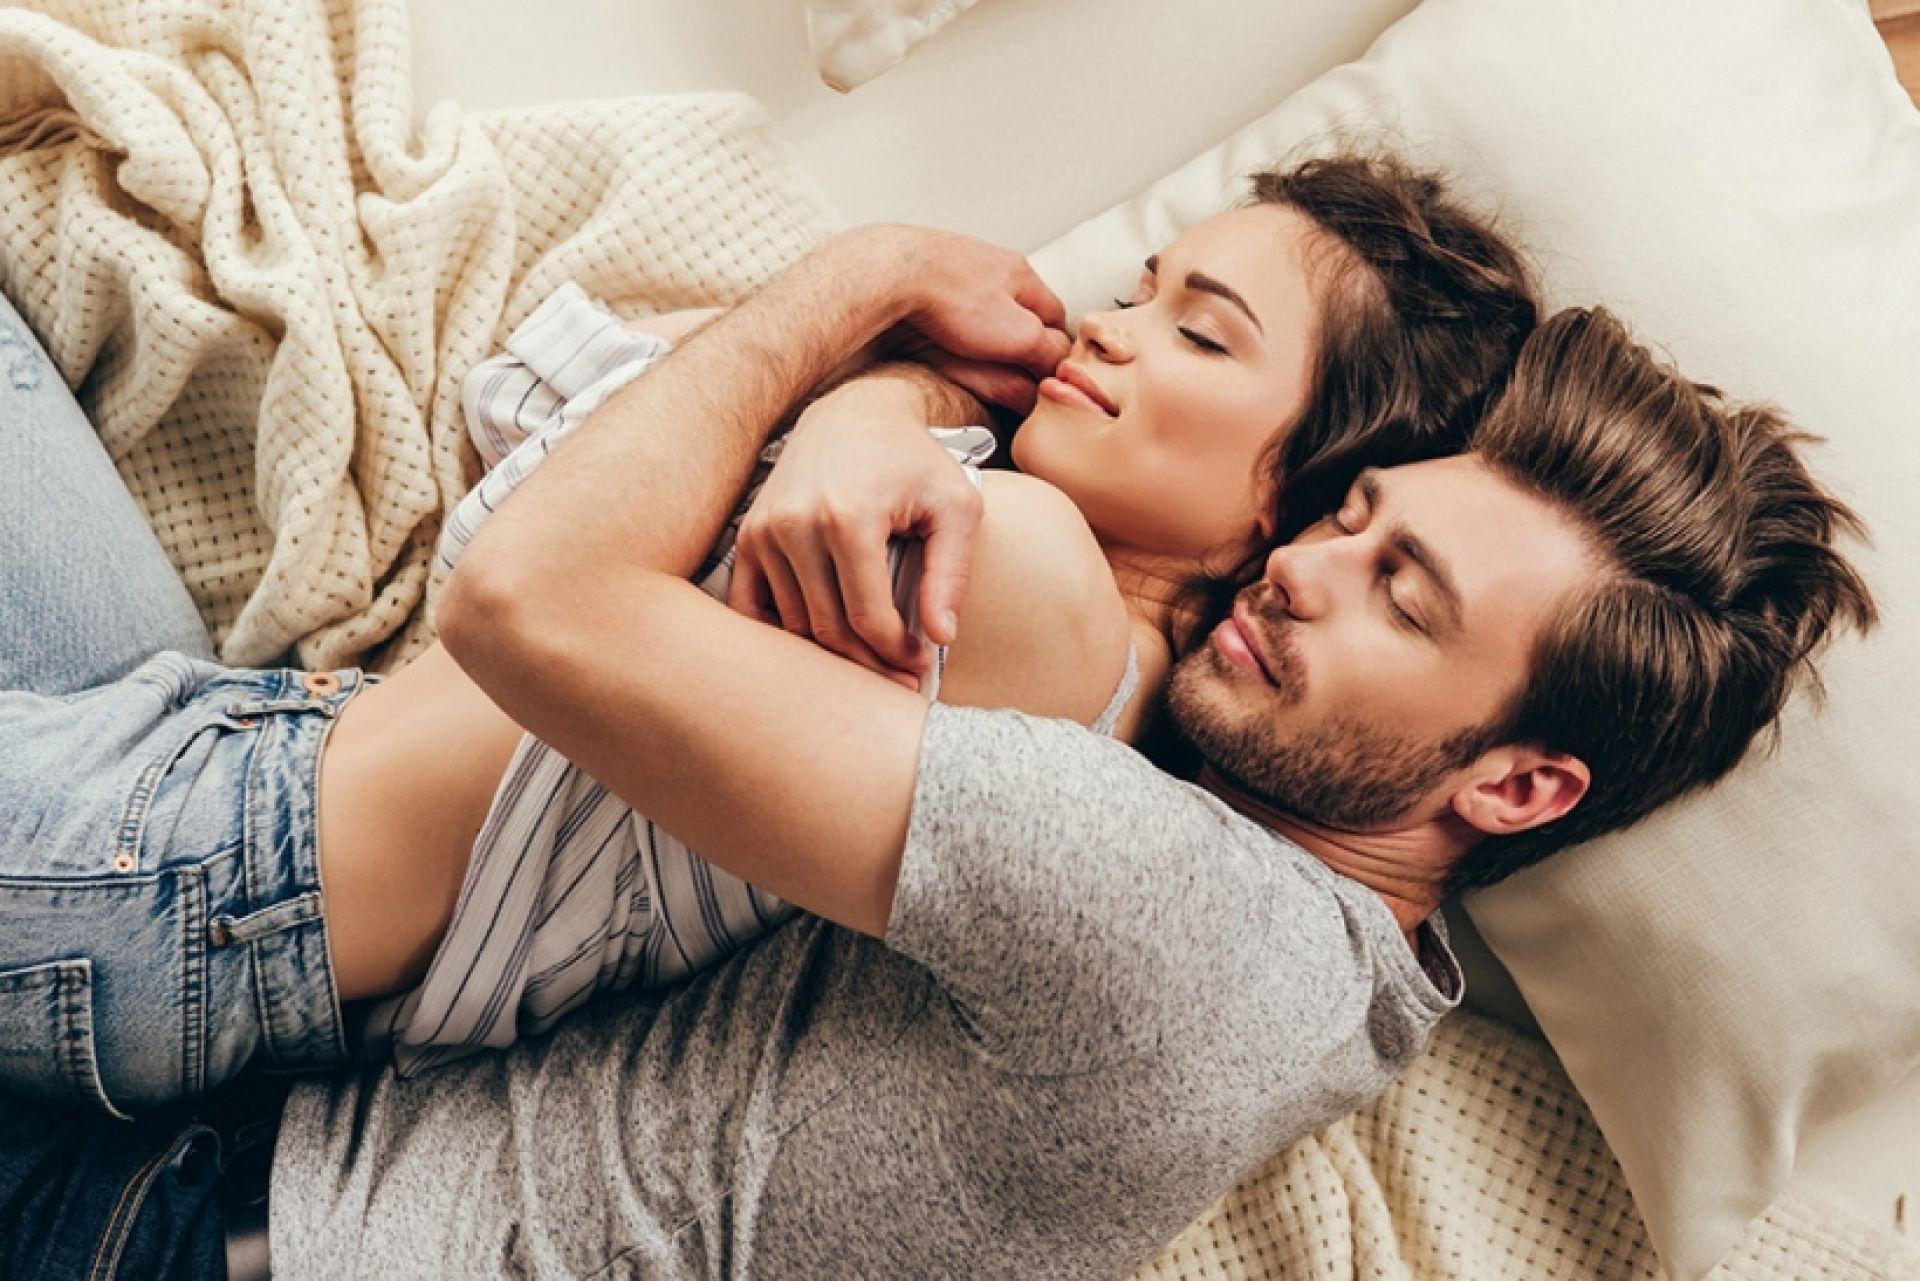 Você viveria um relacionamento sem sexo?